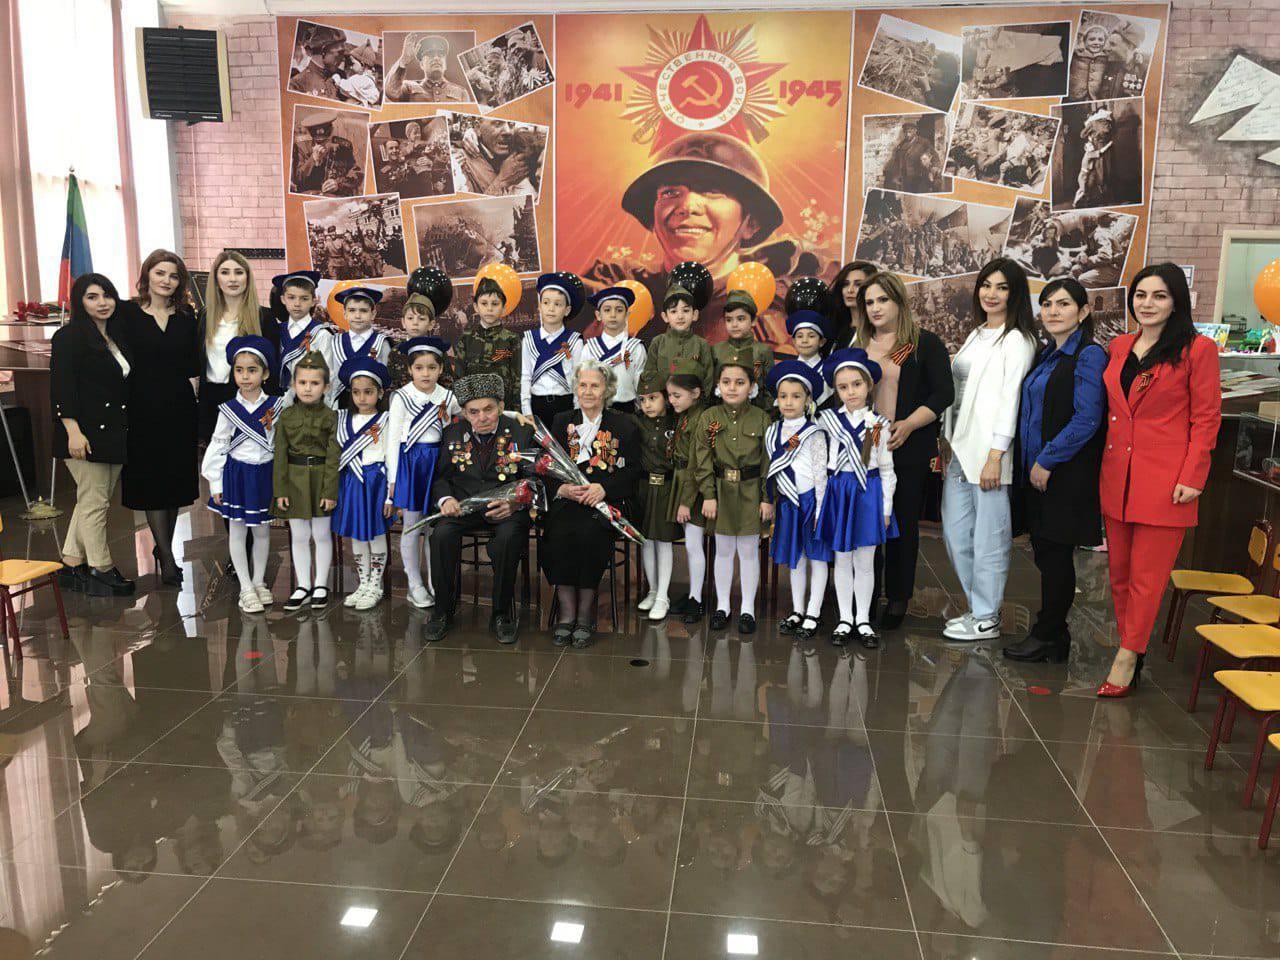 Яркое мероприятие в честь Дня Победы в «Музее Победы»